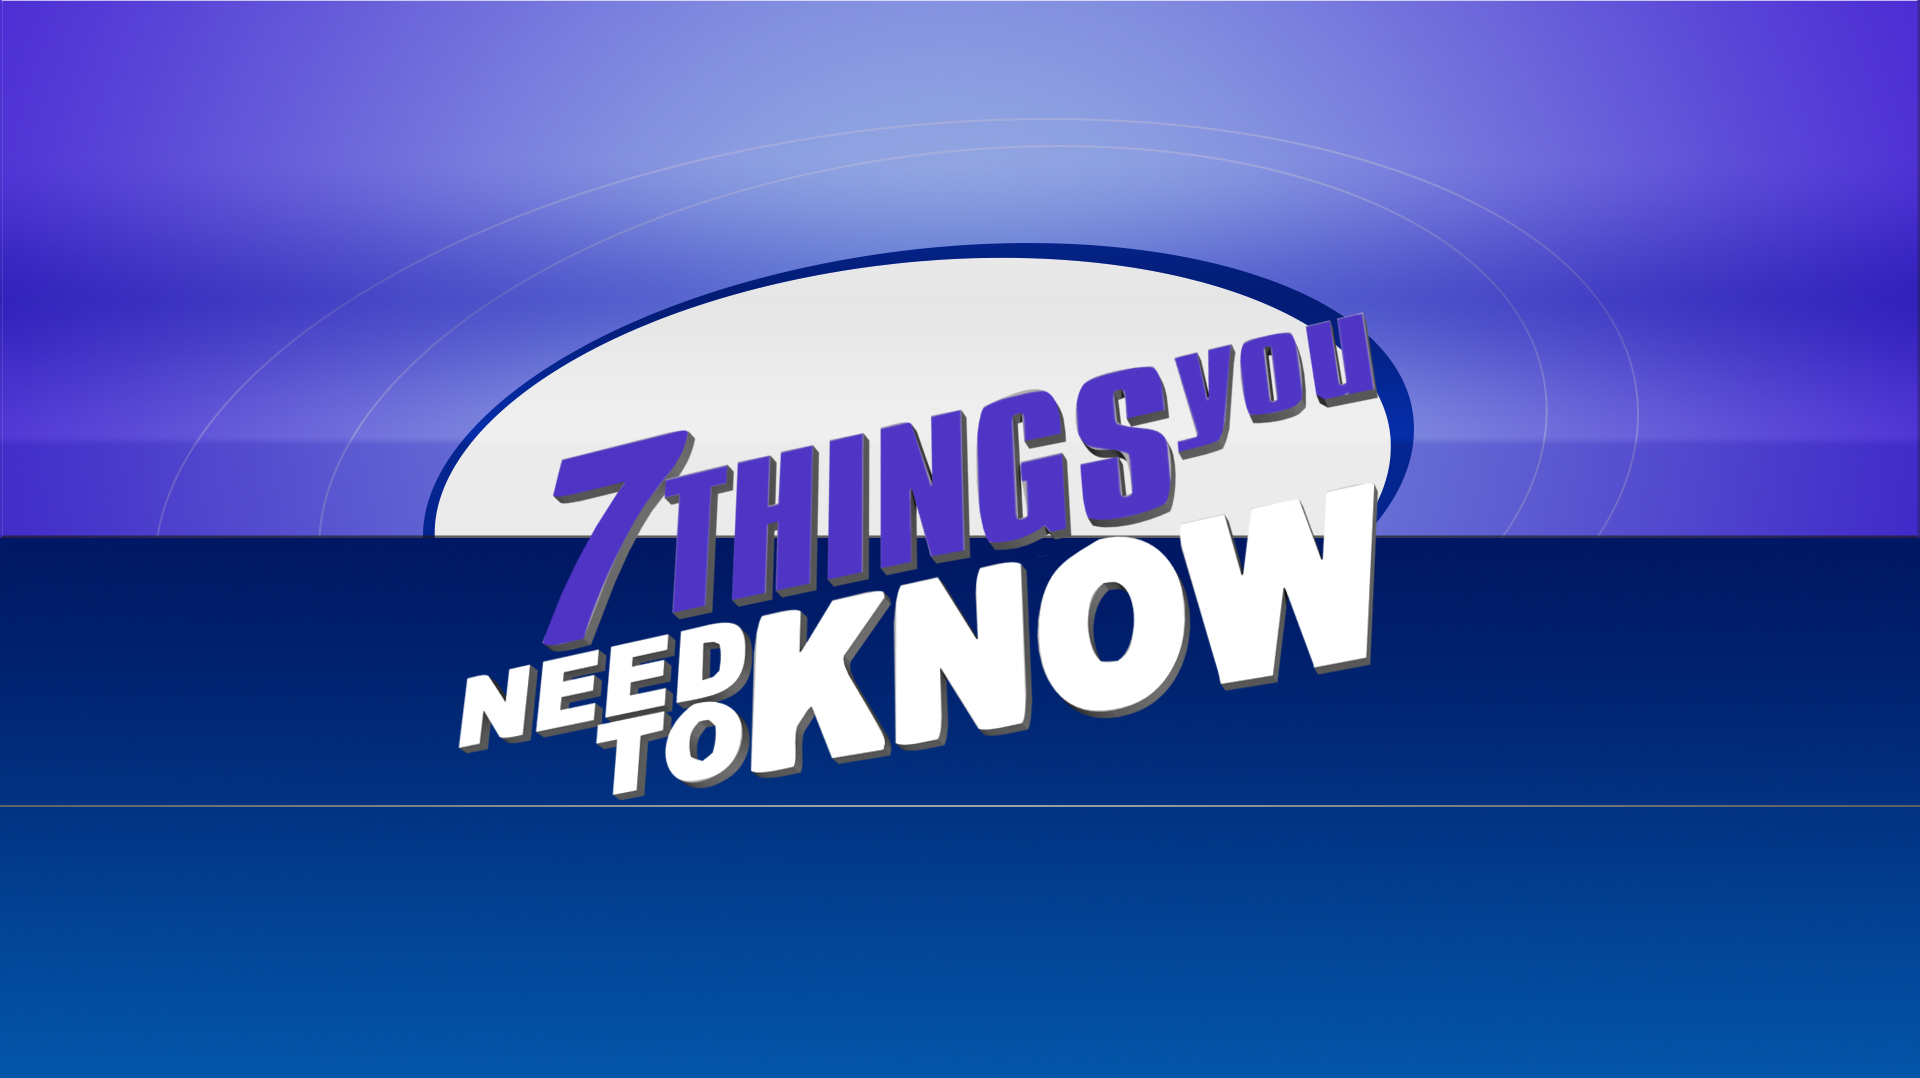 7 Things_1538580605404.jpg.jpg